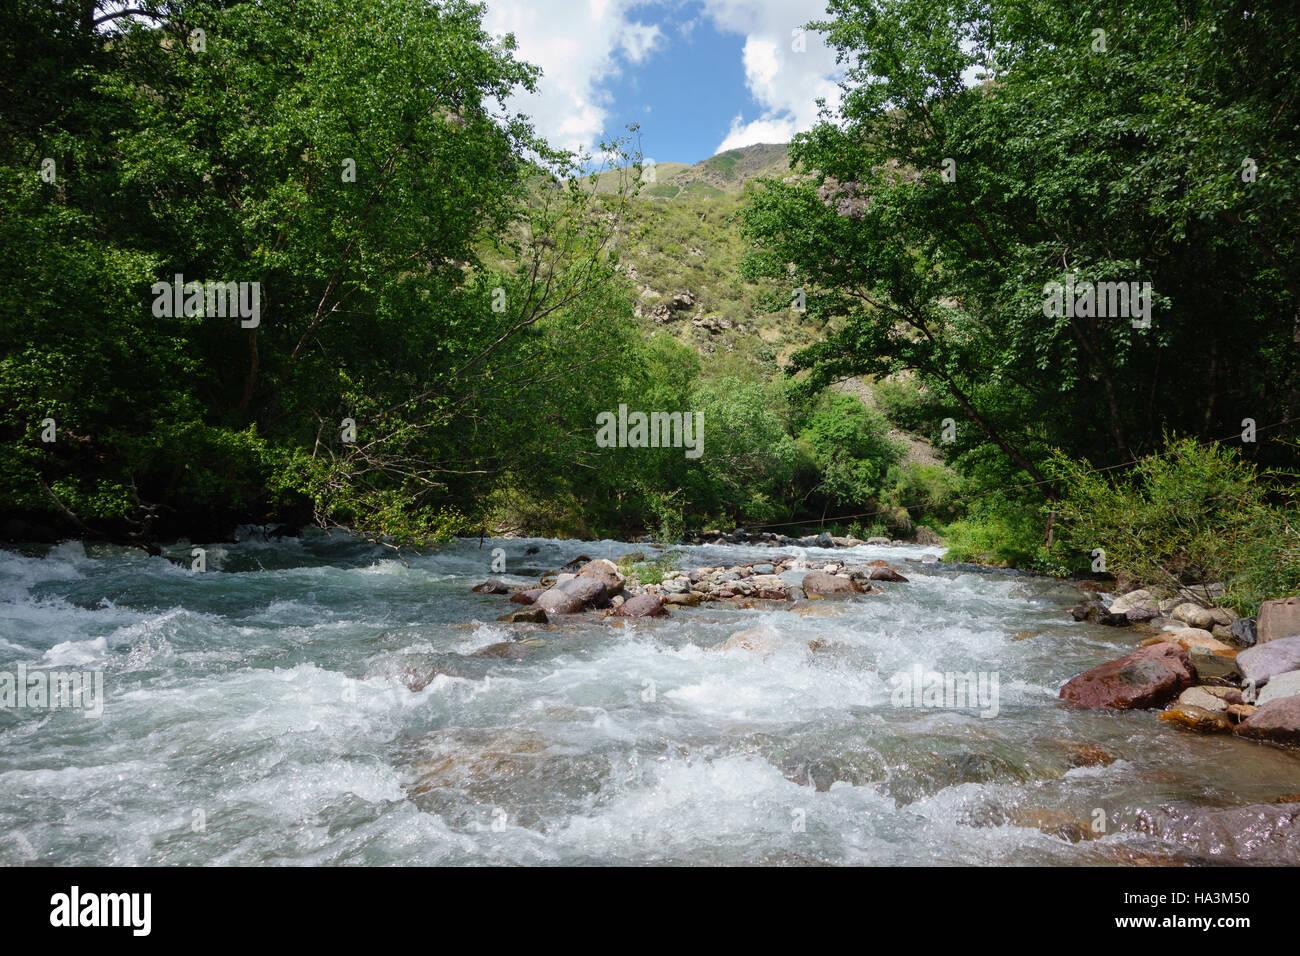 Mountain river in Turgen Gorge near Almaty, Kazakhstan - Stock Image